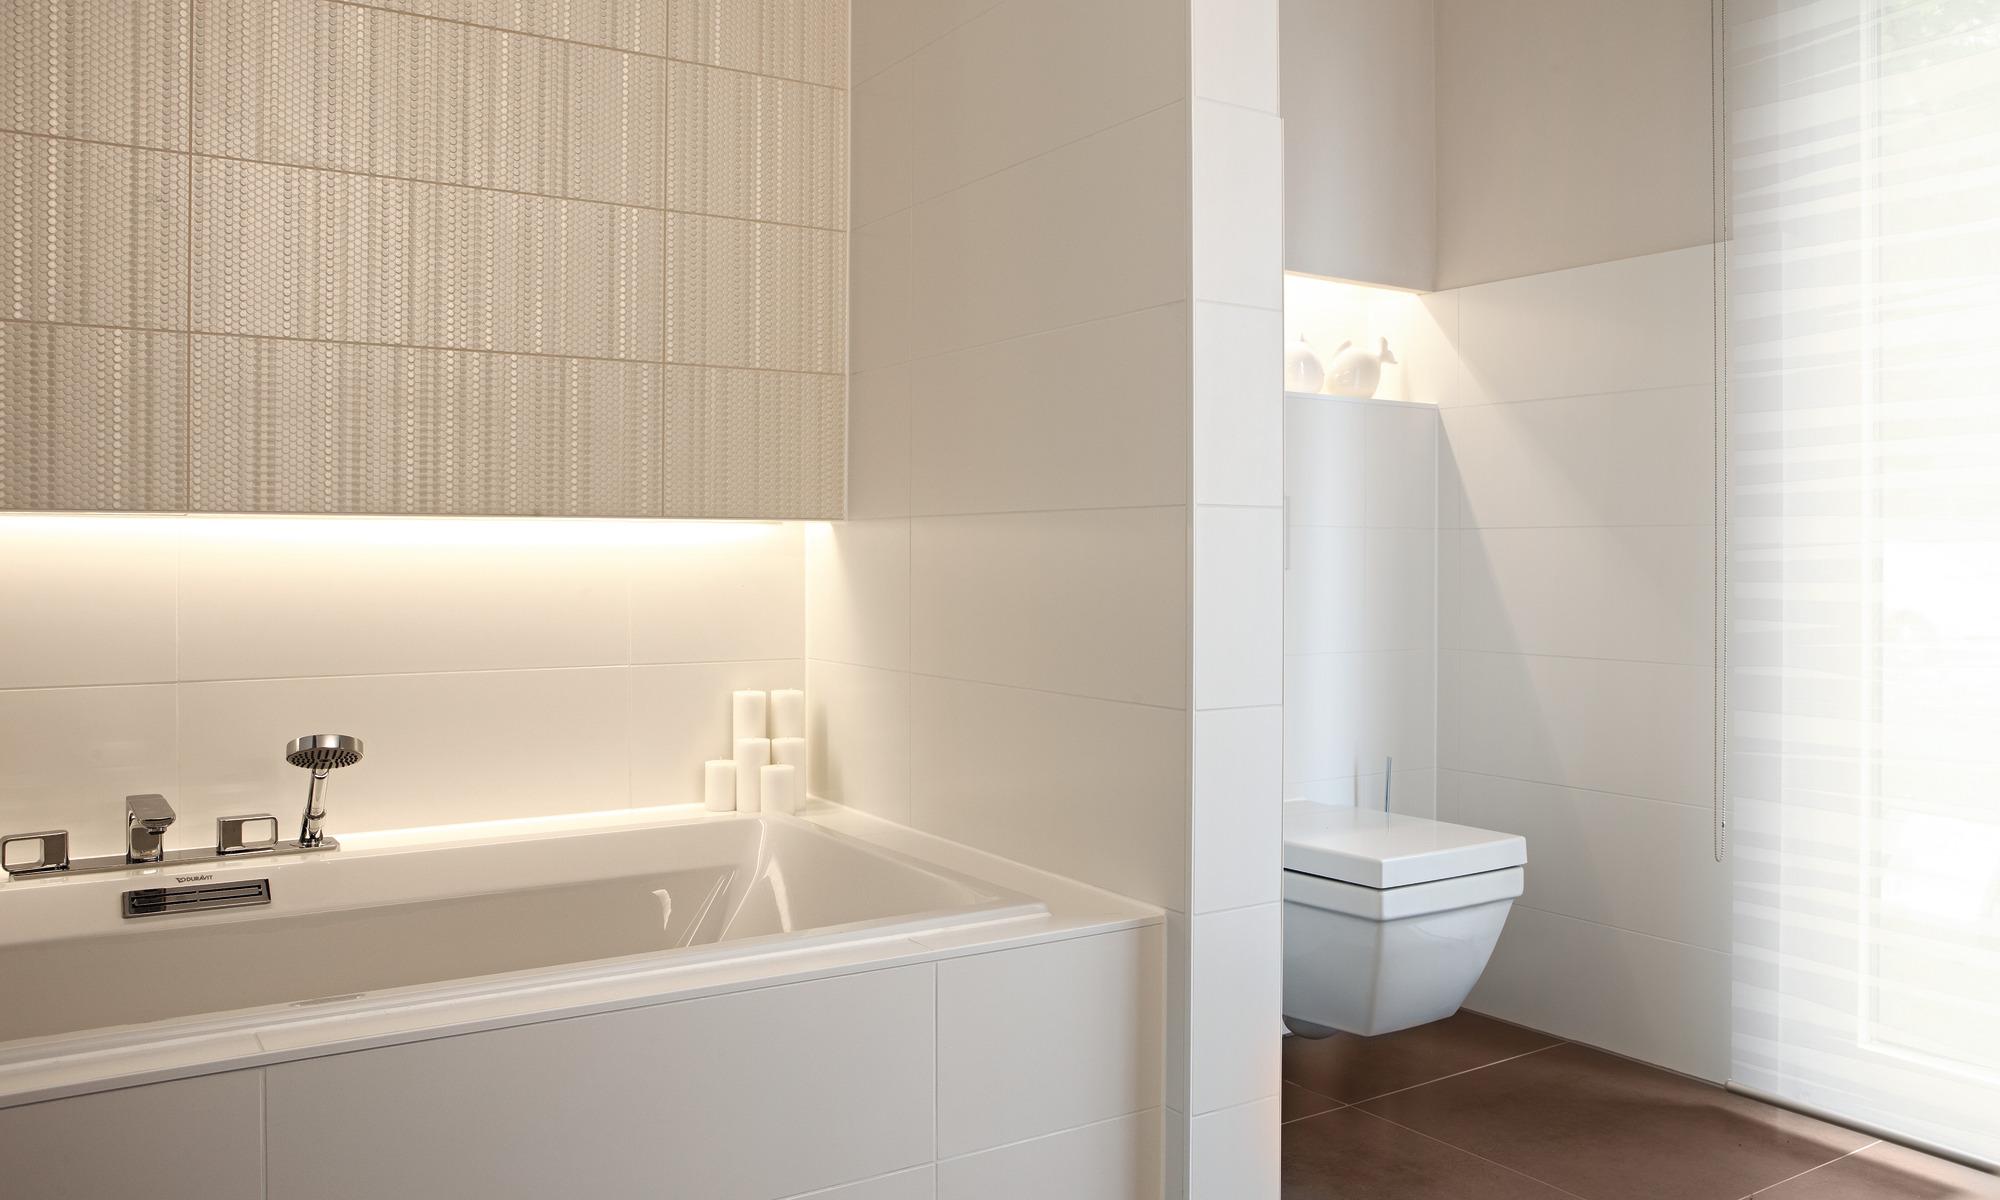 Contemporary Bauhaus style prefab bungalow